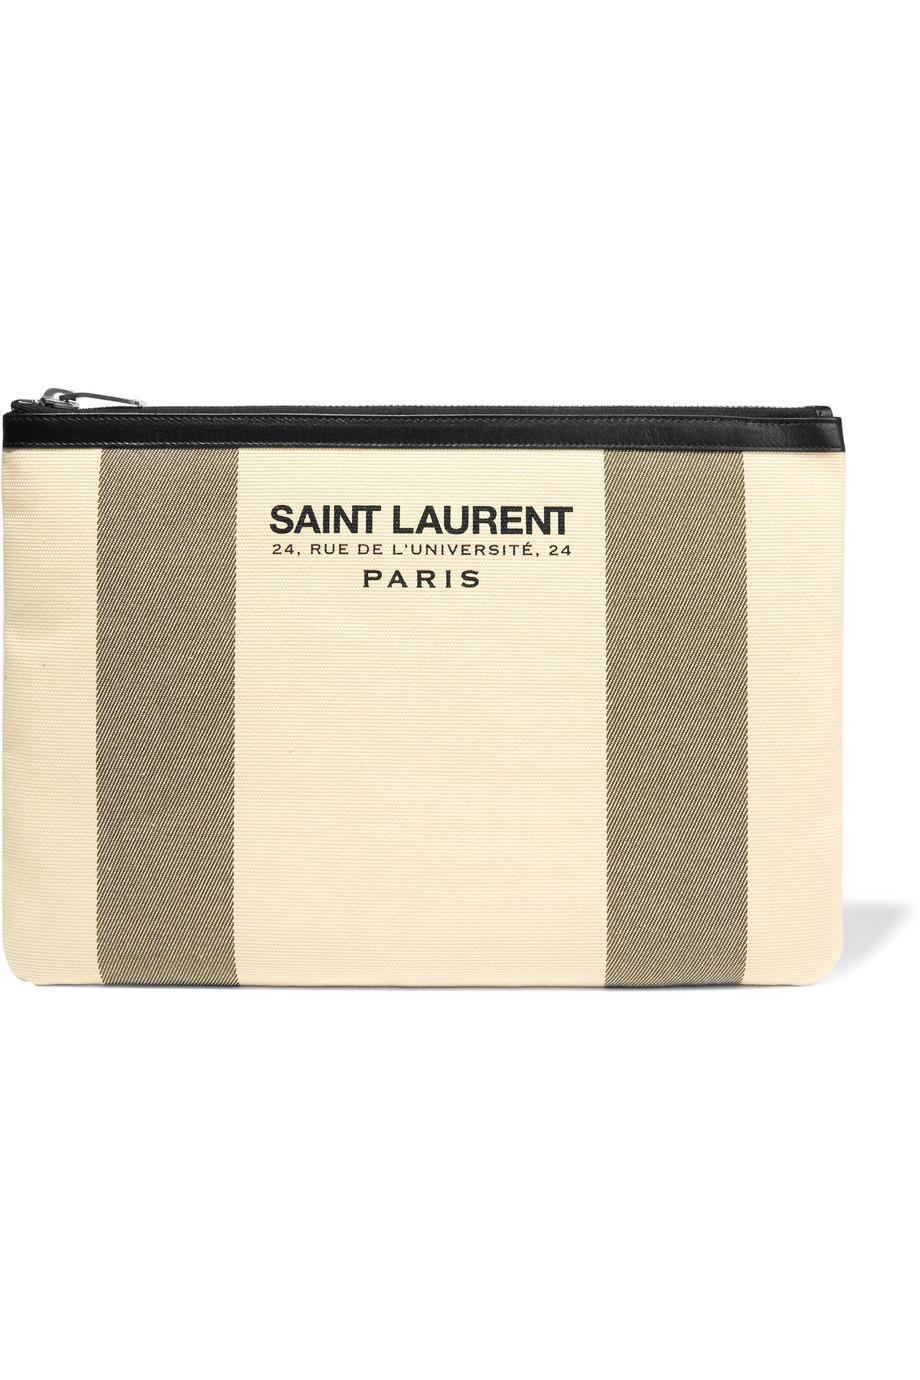 Saint Laurent Beach Leather-Trimmed Cotton-Canvas Pouch, Ecru, Women's